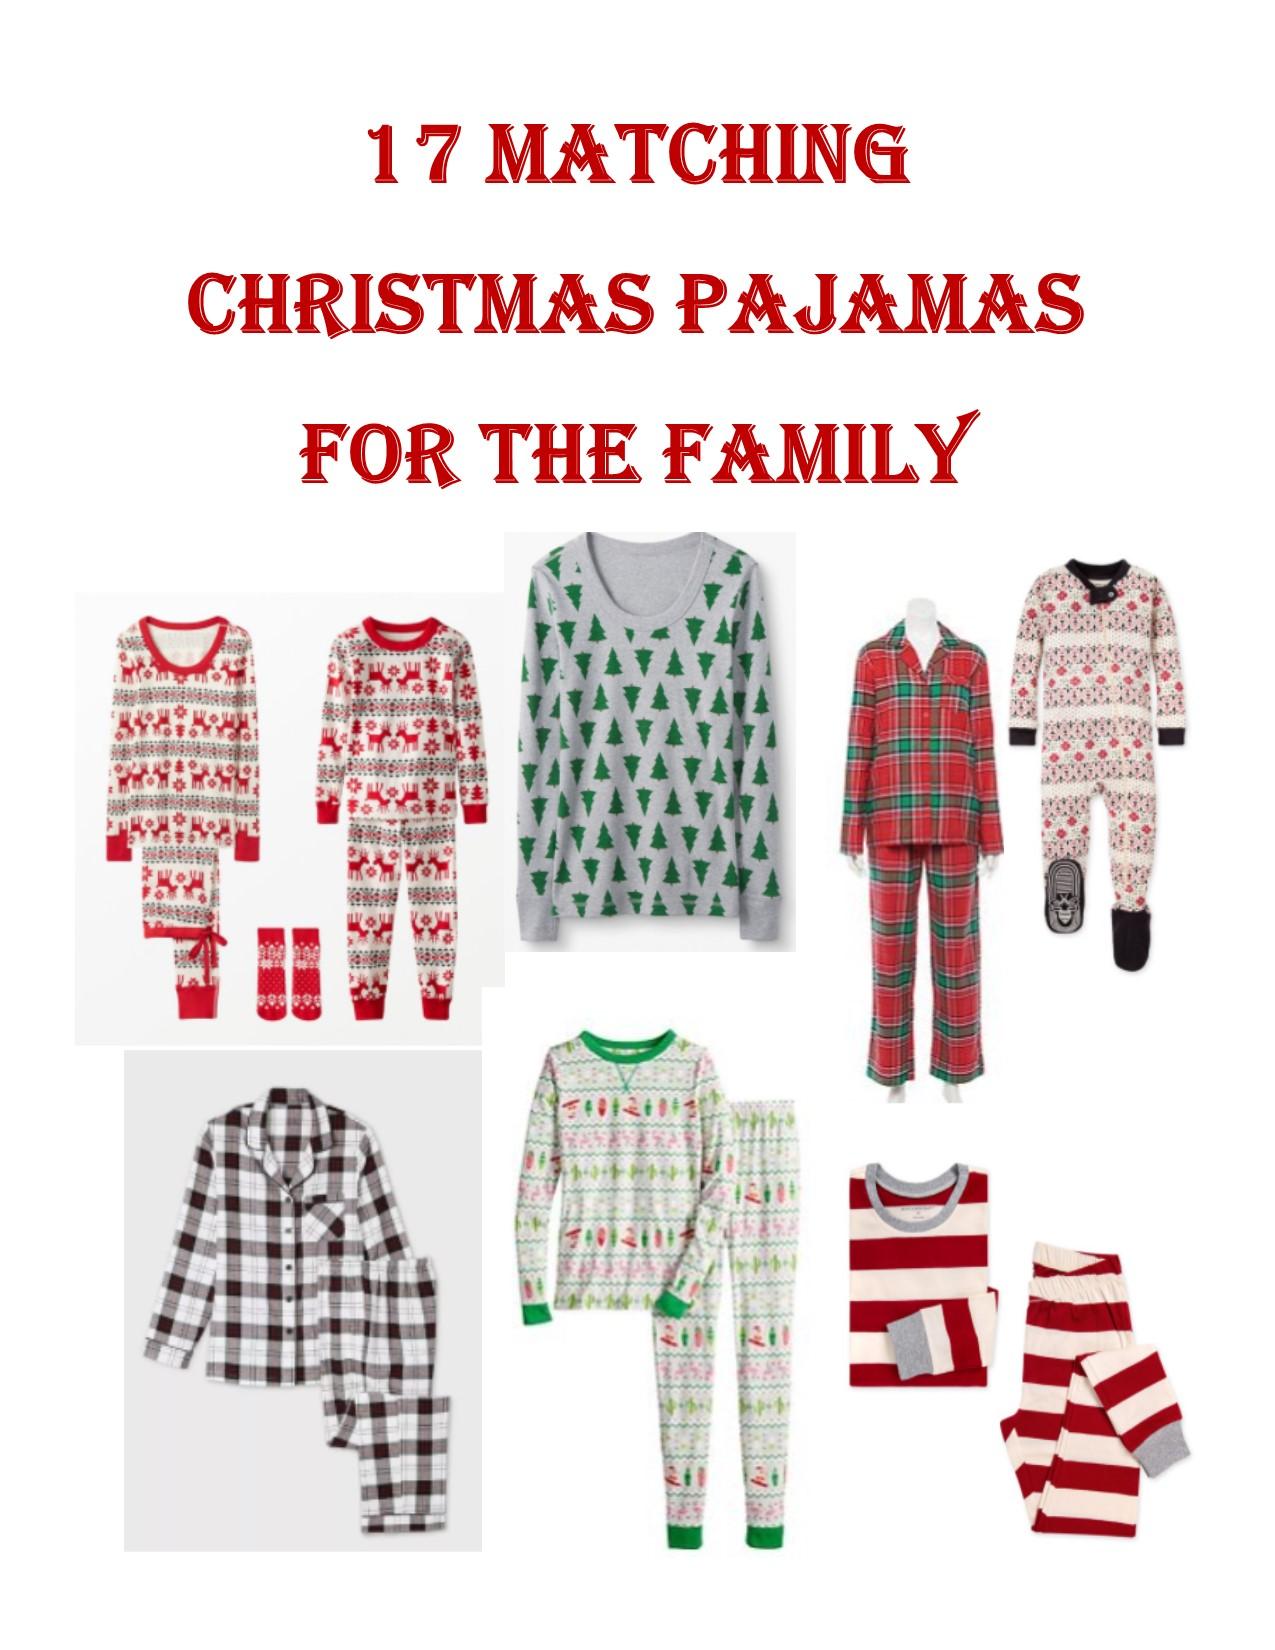 17 Matching Christmas Pajamas for the Family